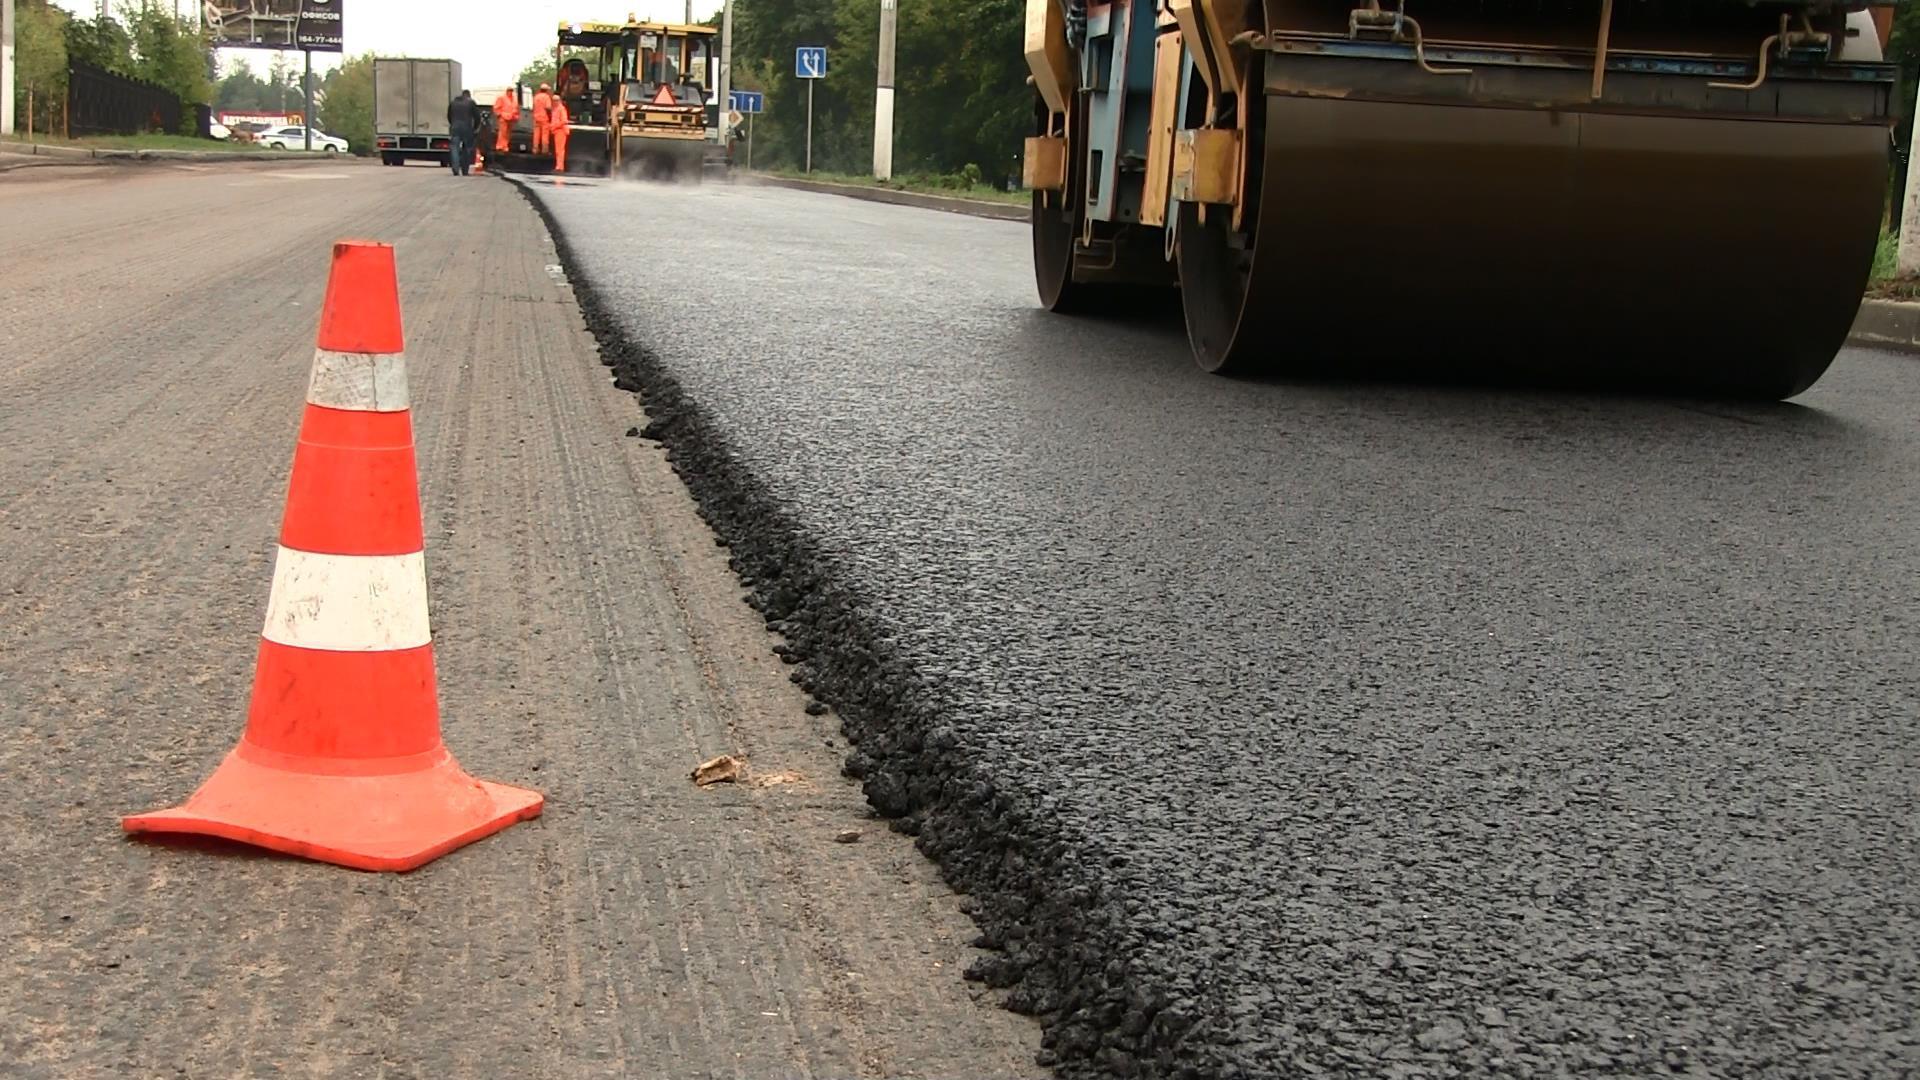 Сезонный ремонт дорог начнется в столице России  вночь на22апреля